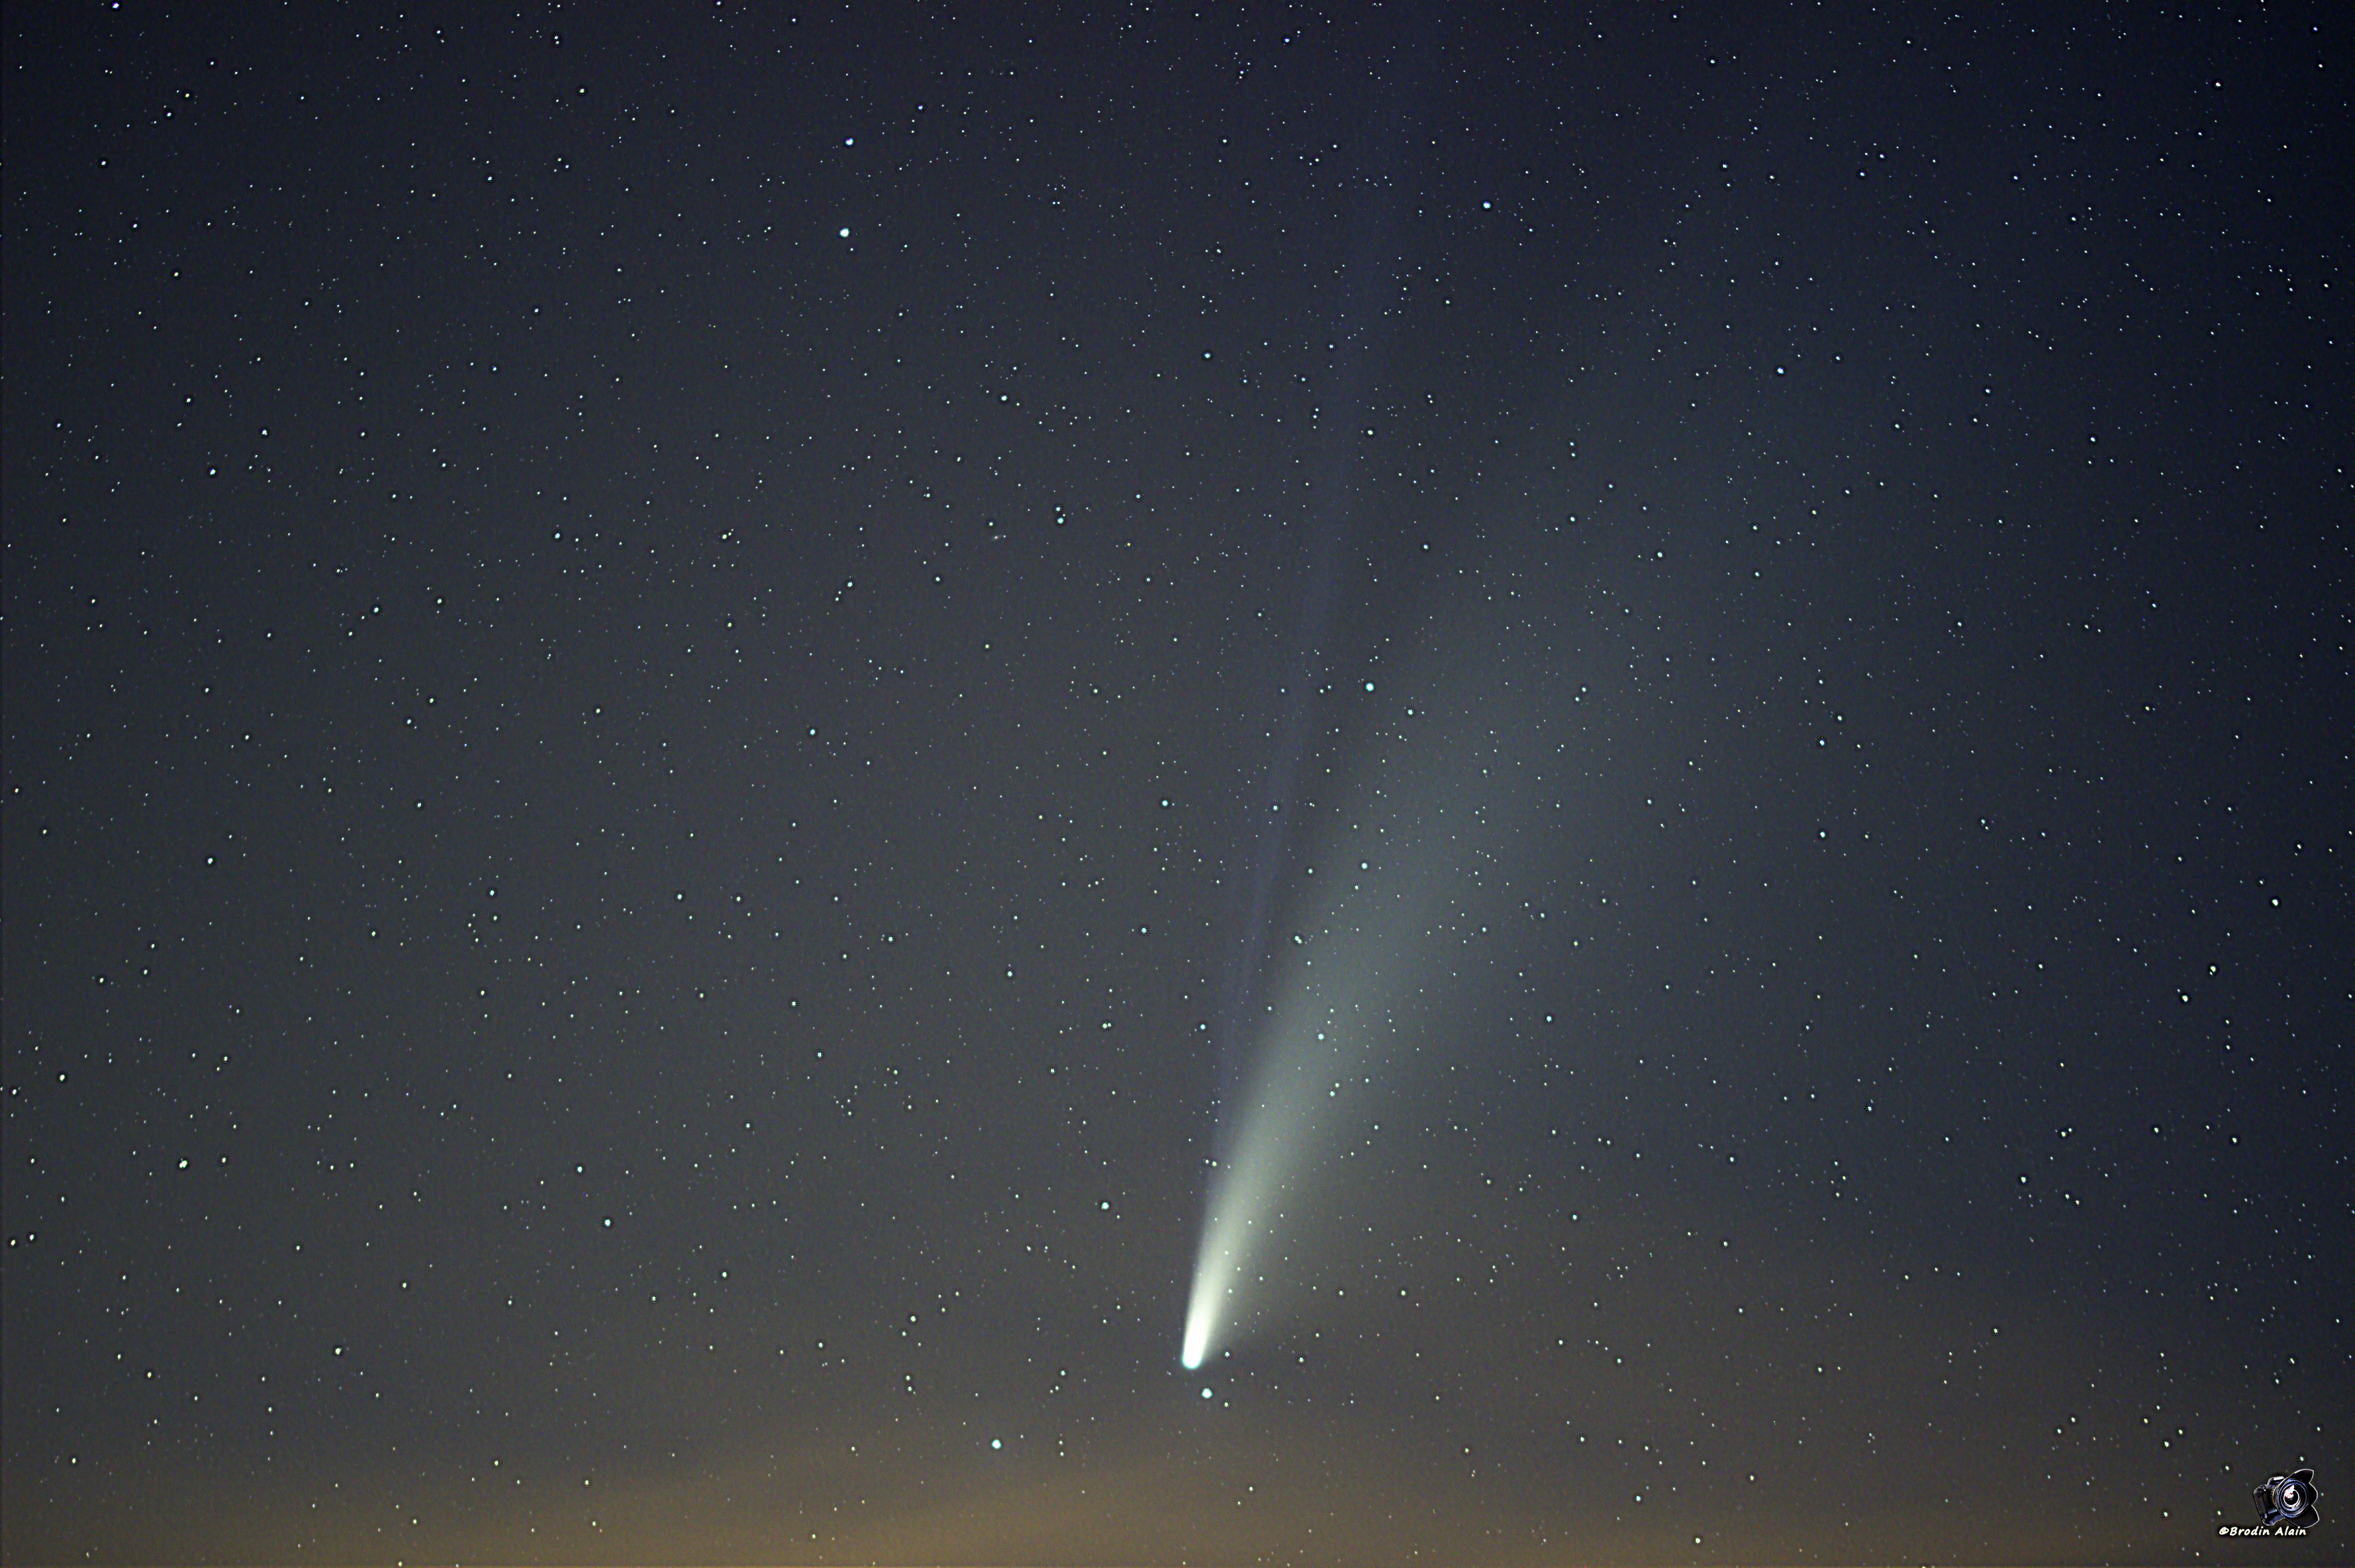 comete C3/2020 F3 NEOWISE